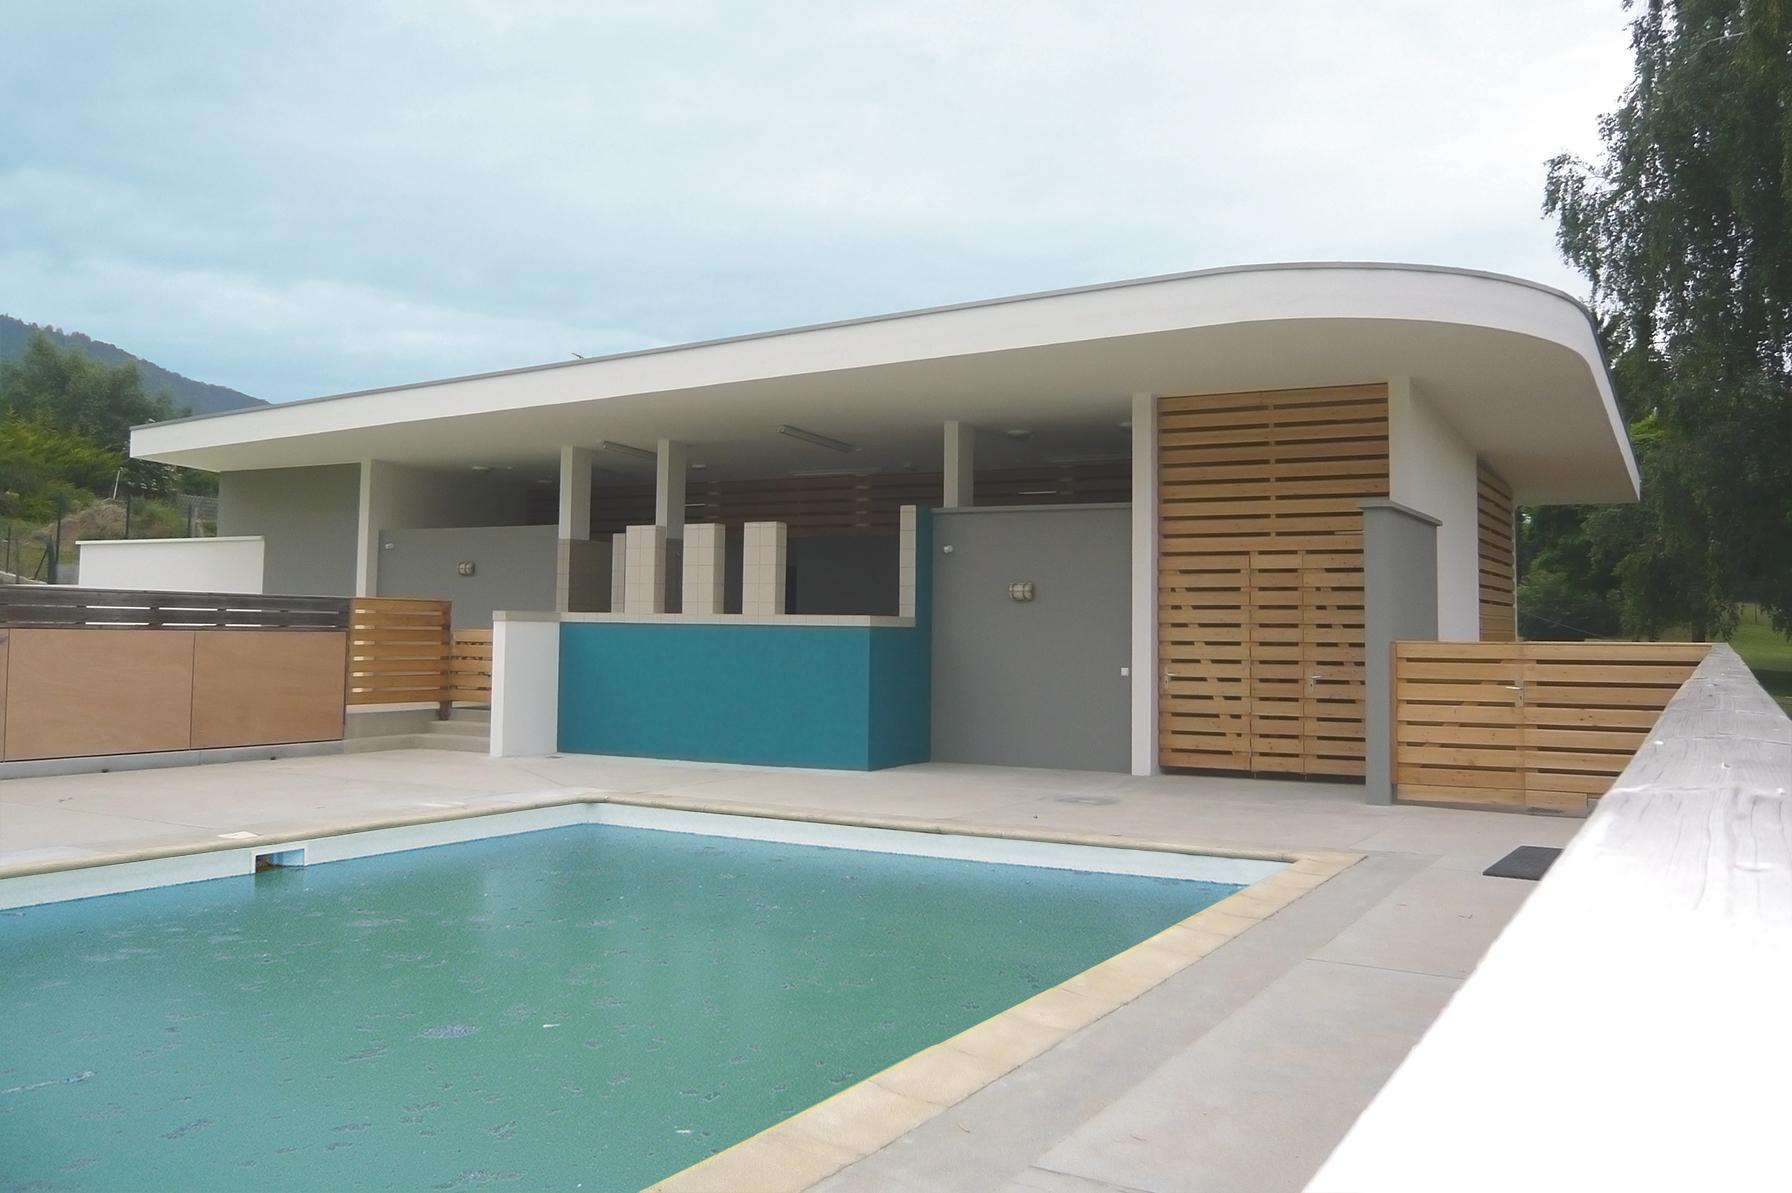 Vestiaires de piscine à Cranves-sales | Architecte: Nelly GUYOT